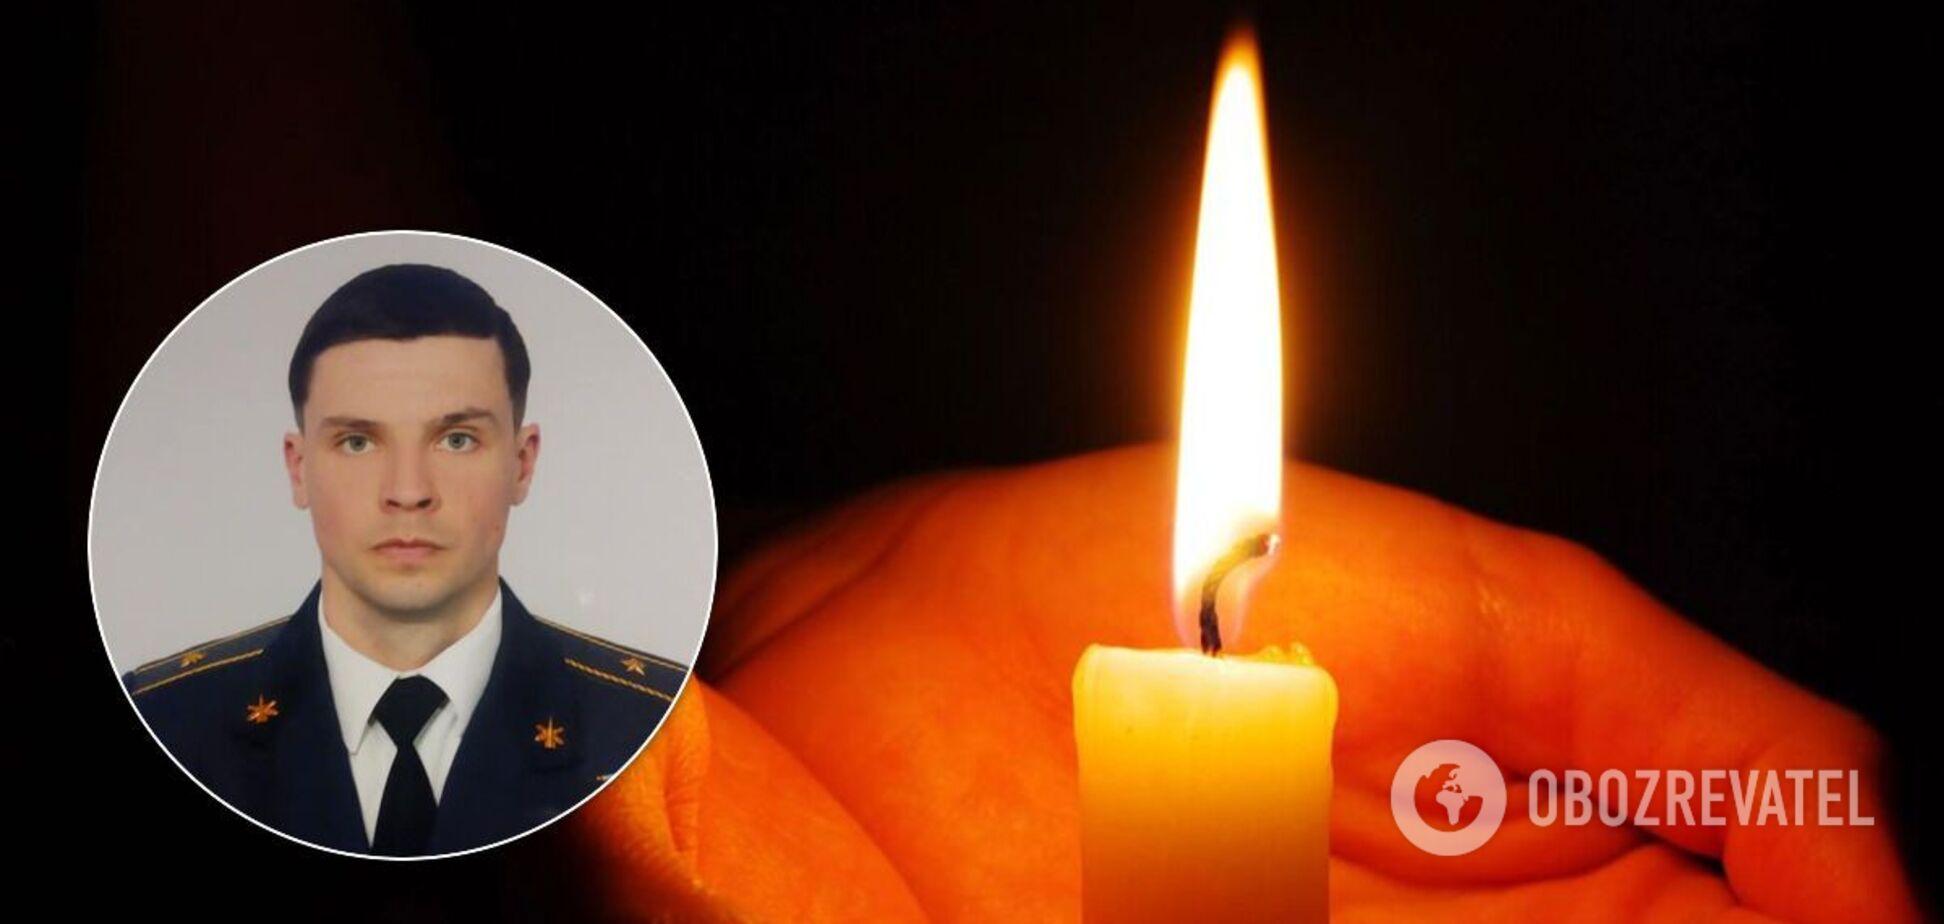 В Турции умер майор ВСУ Баженов: защитник Украины год боролся с тяжелой болезнью